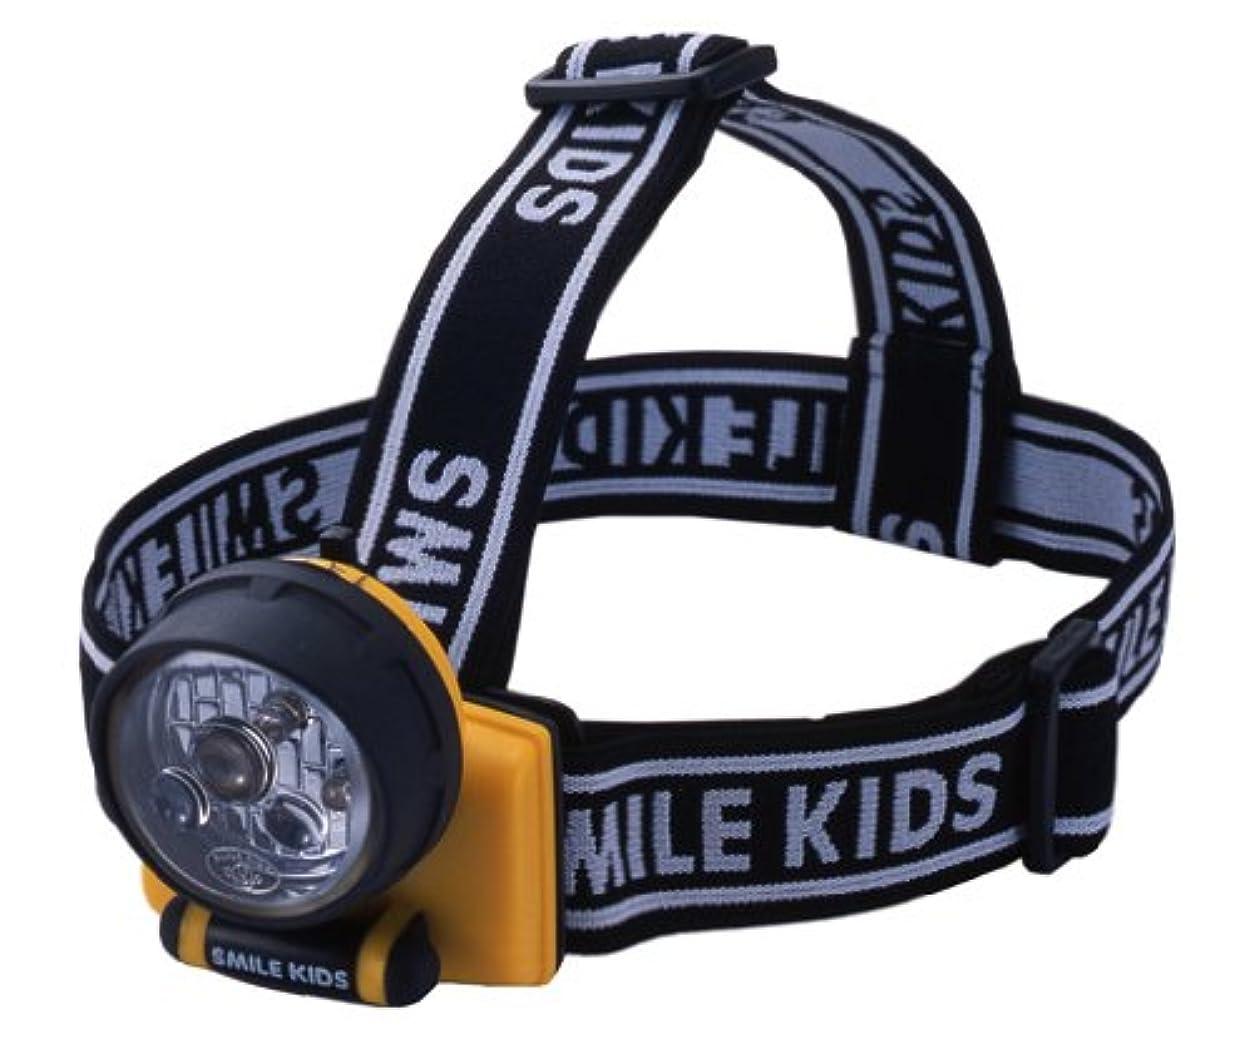 ハイライト共同選択配管工スマイルキッズ(SMILE KIDS) 3LEDヘッドランプ ACA-4302